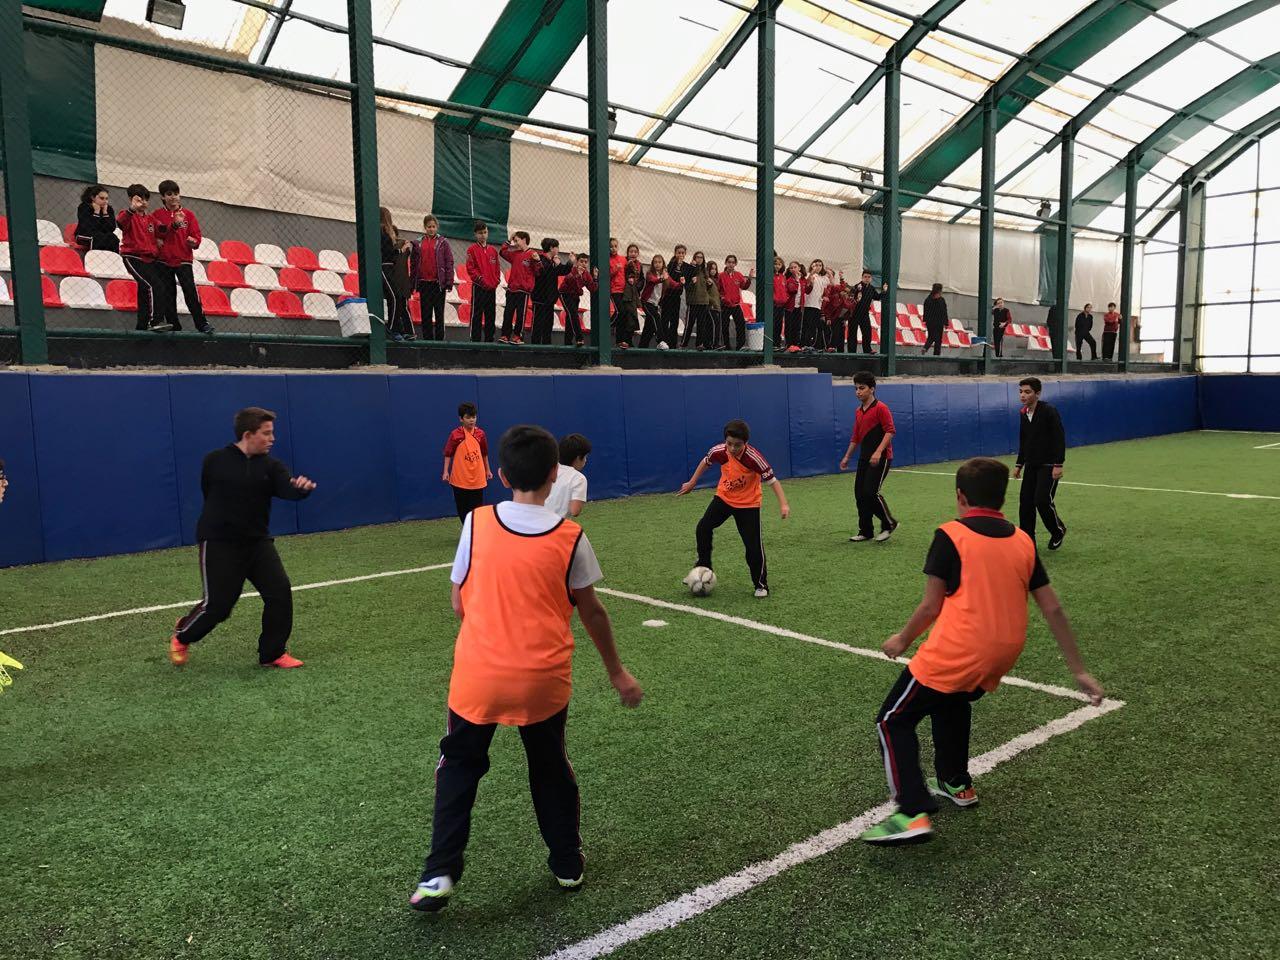 5. ve 6. Sınıflar Arası Futbol Şampiyonası Bugün Oynanan Maçlarla Başladı